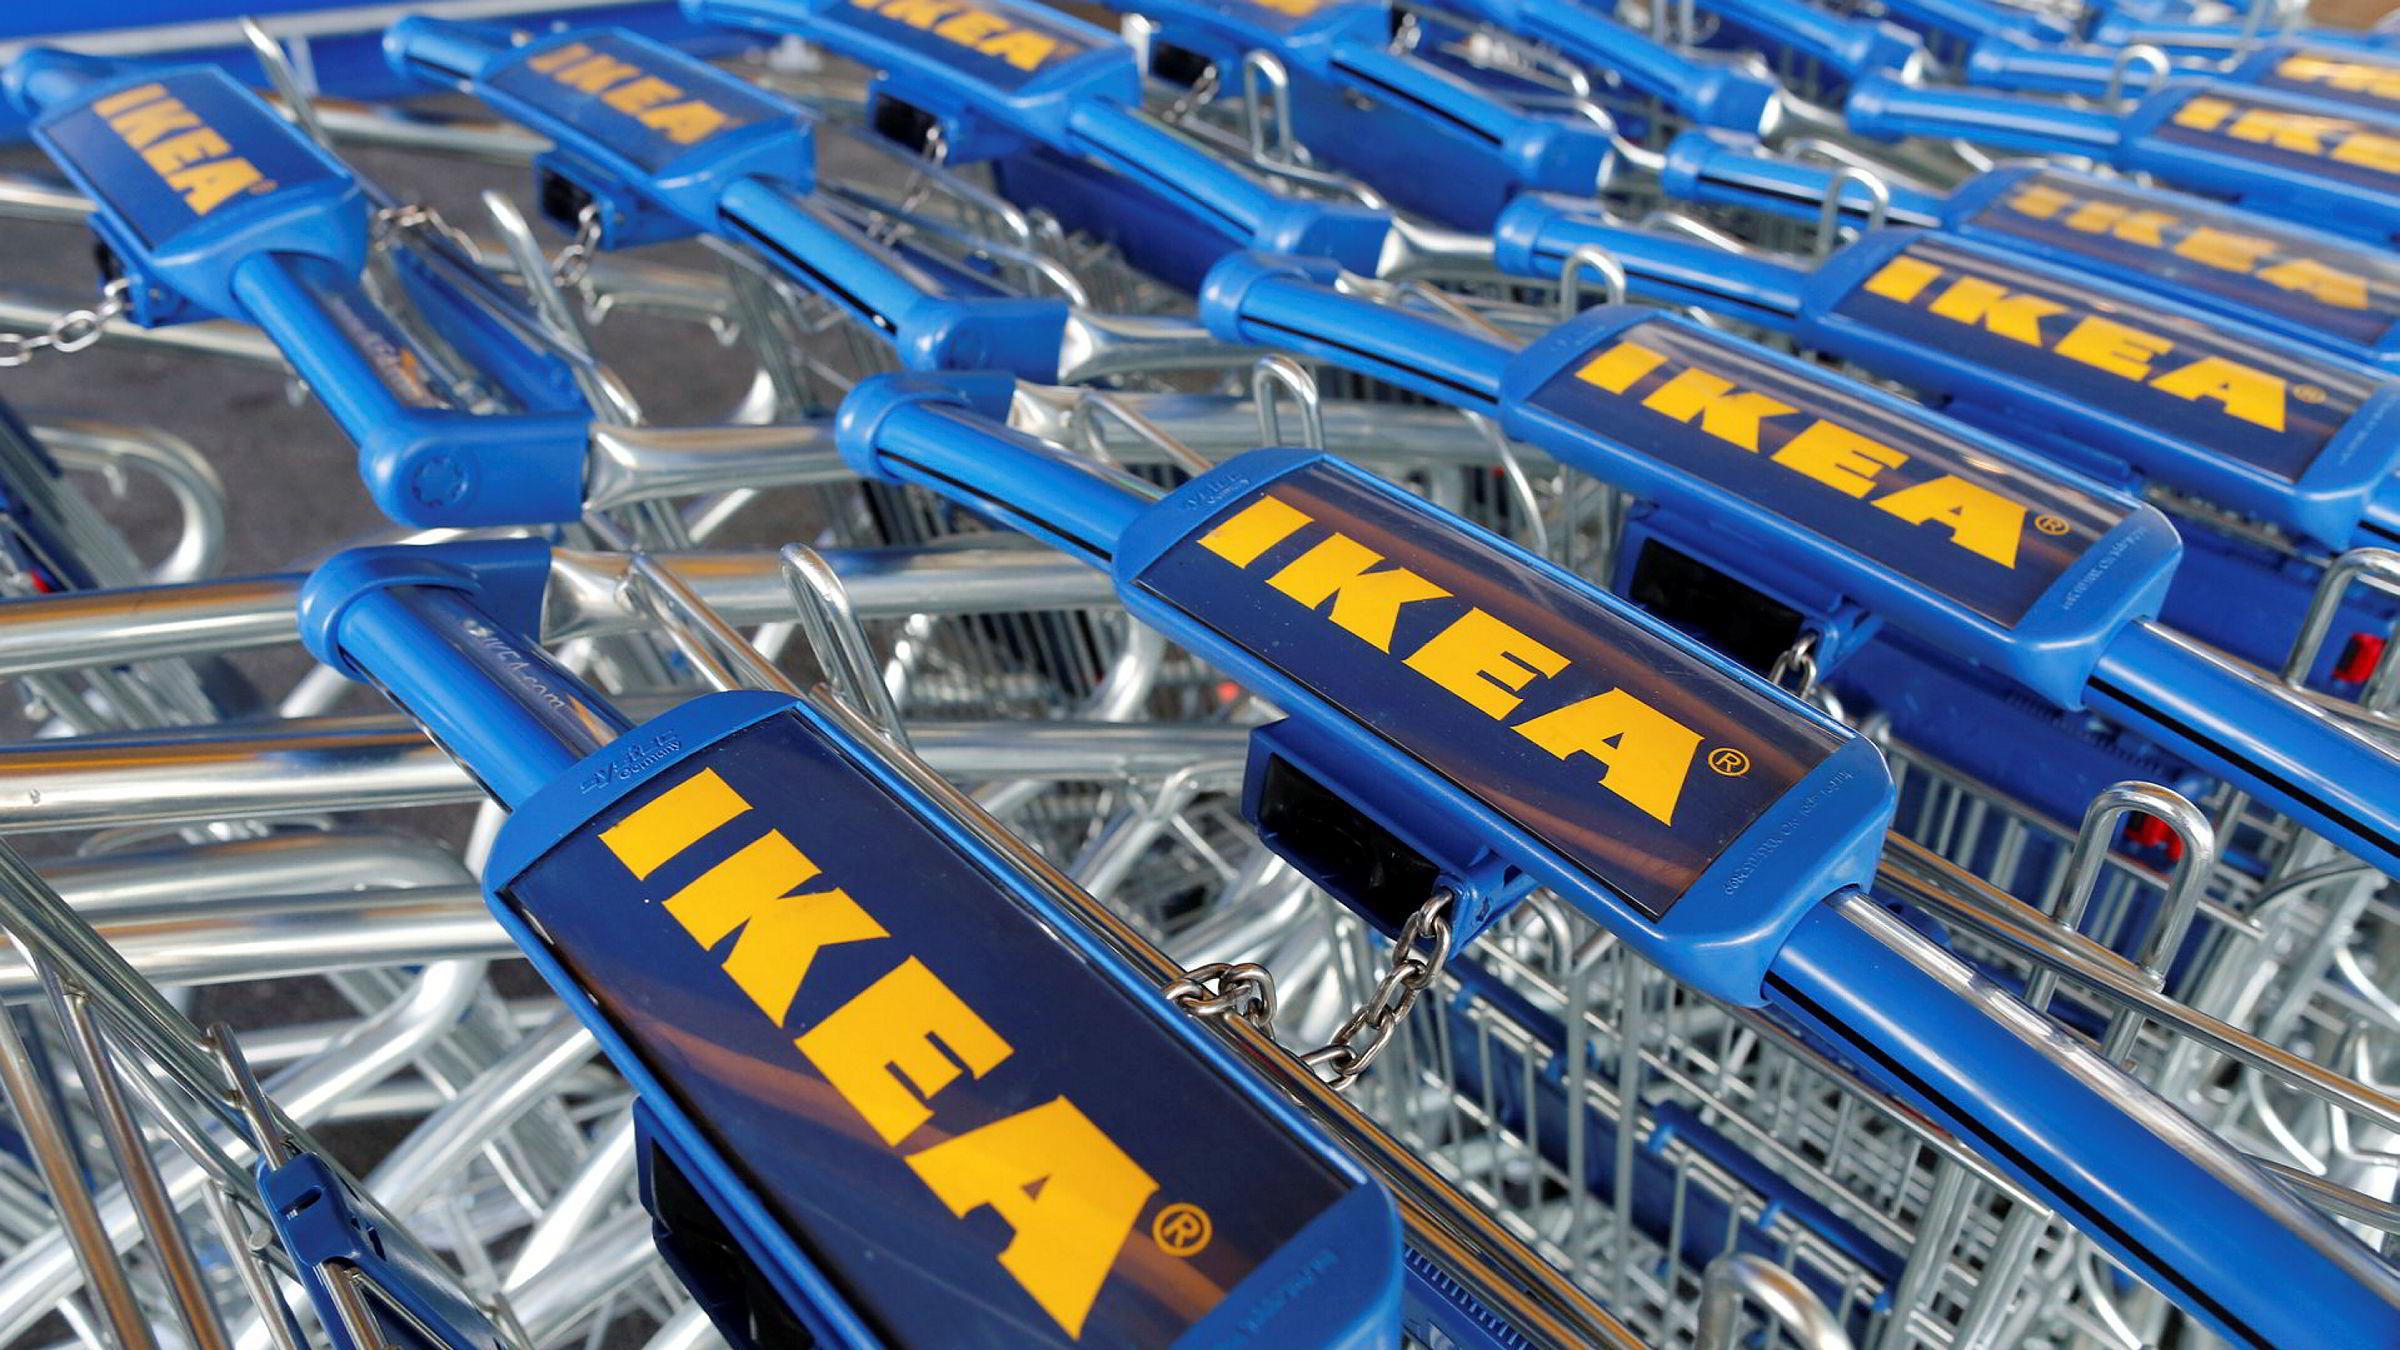 I Storbritannia kan Ikea-kundene nå fylle handletrallene med batterier som kan lades ved hjelp av solcellepaneler.